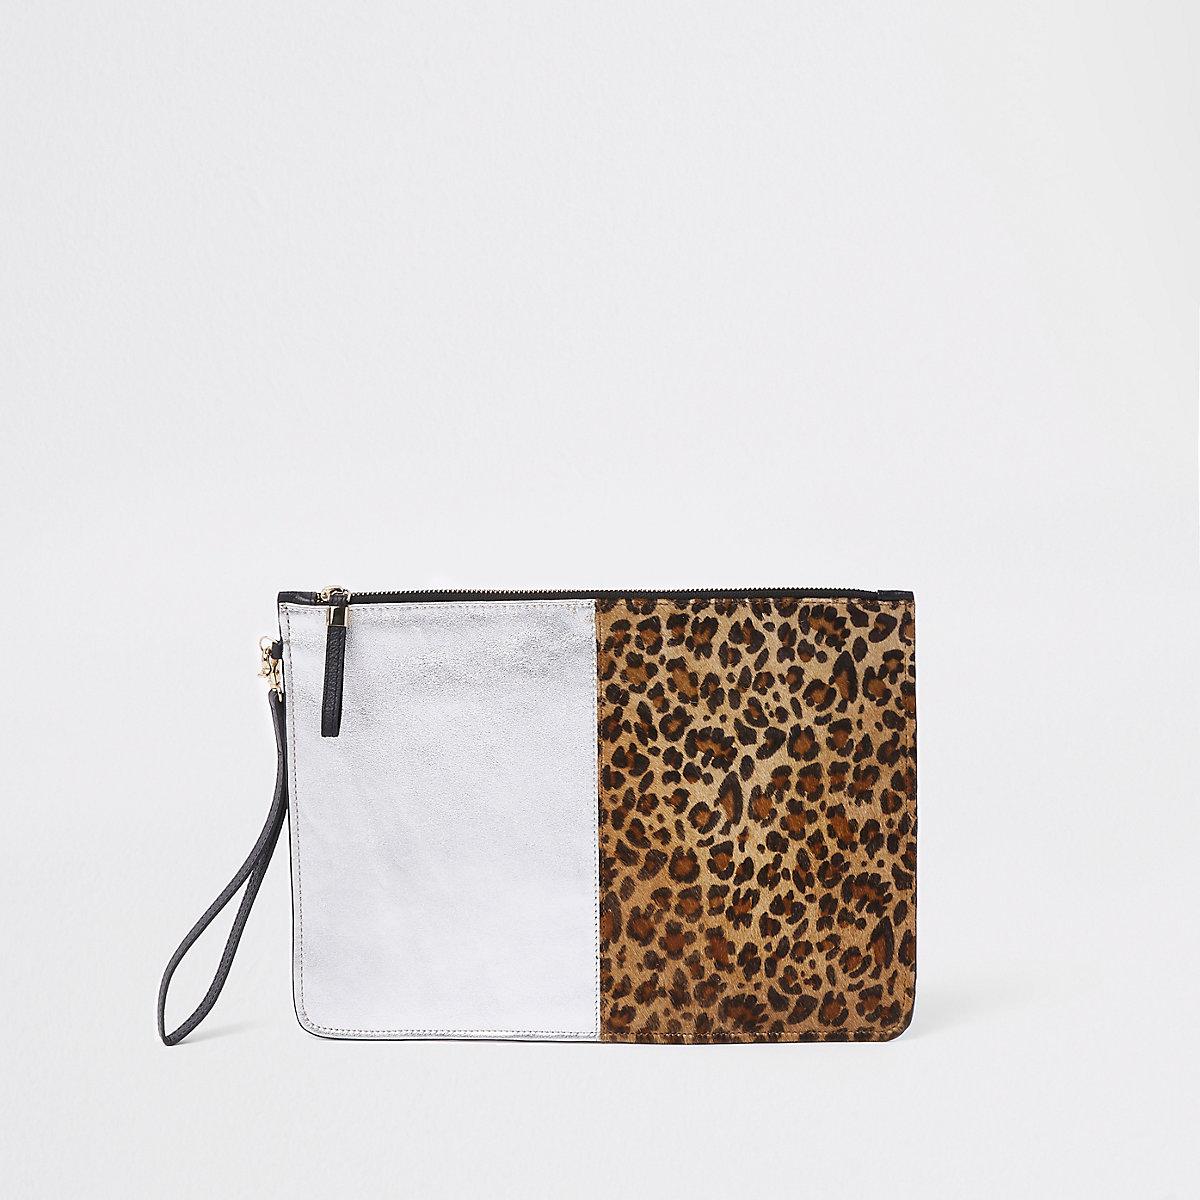 Leopard print panel pouch clutch bag